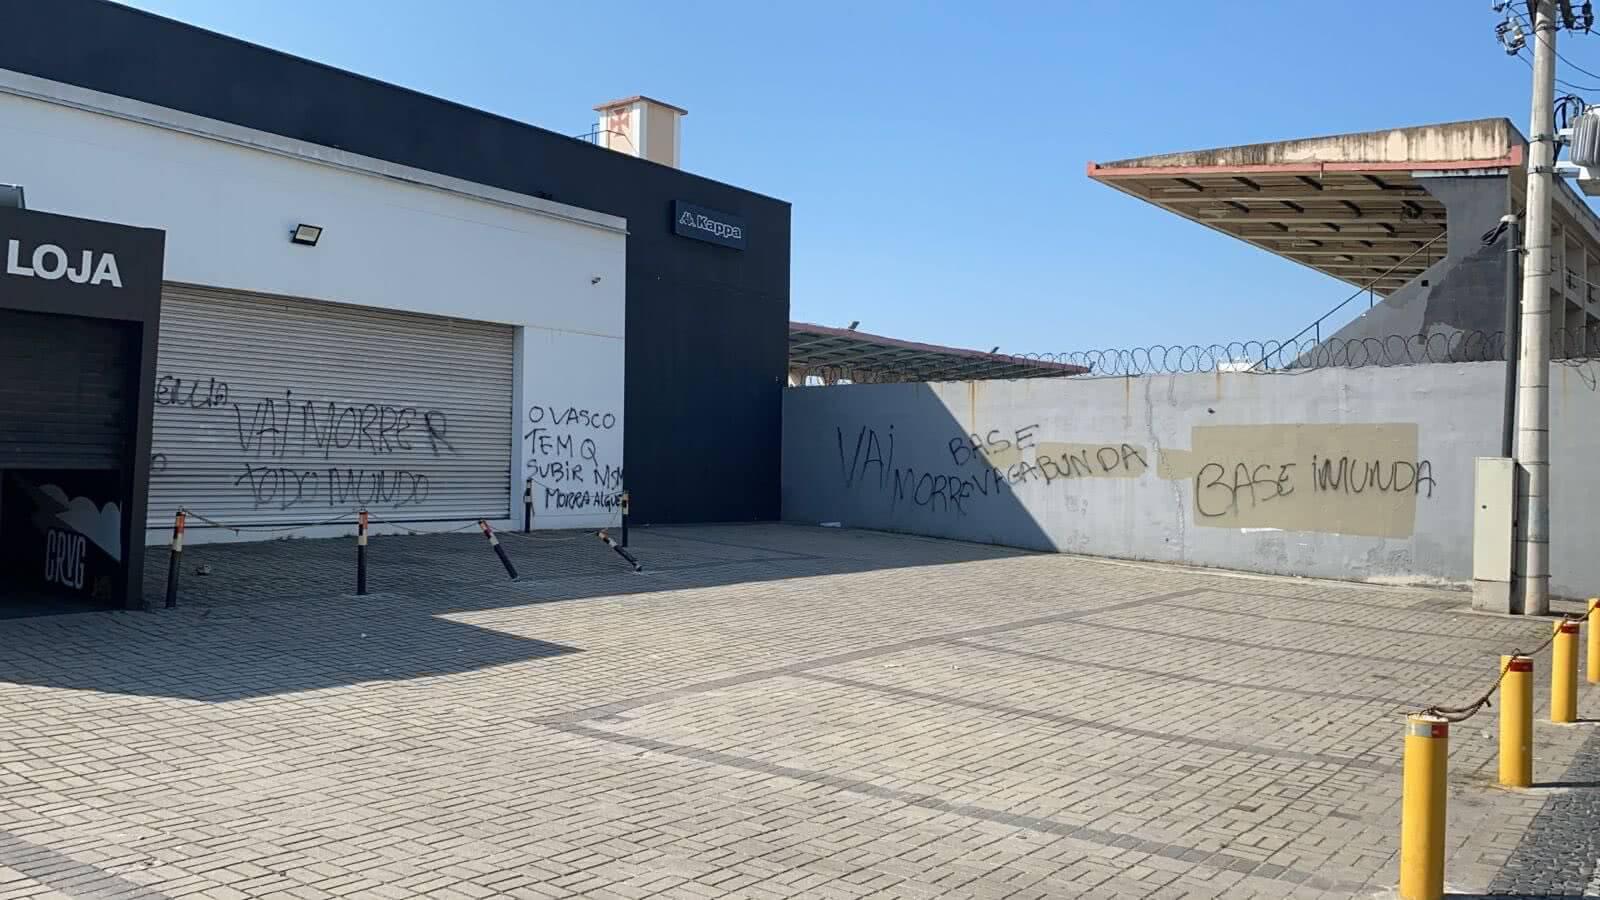 Ameaças nas paredes de São Januário